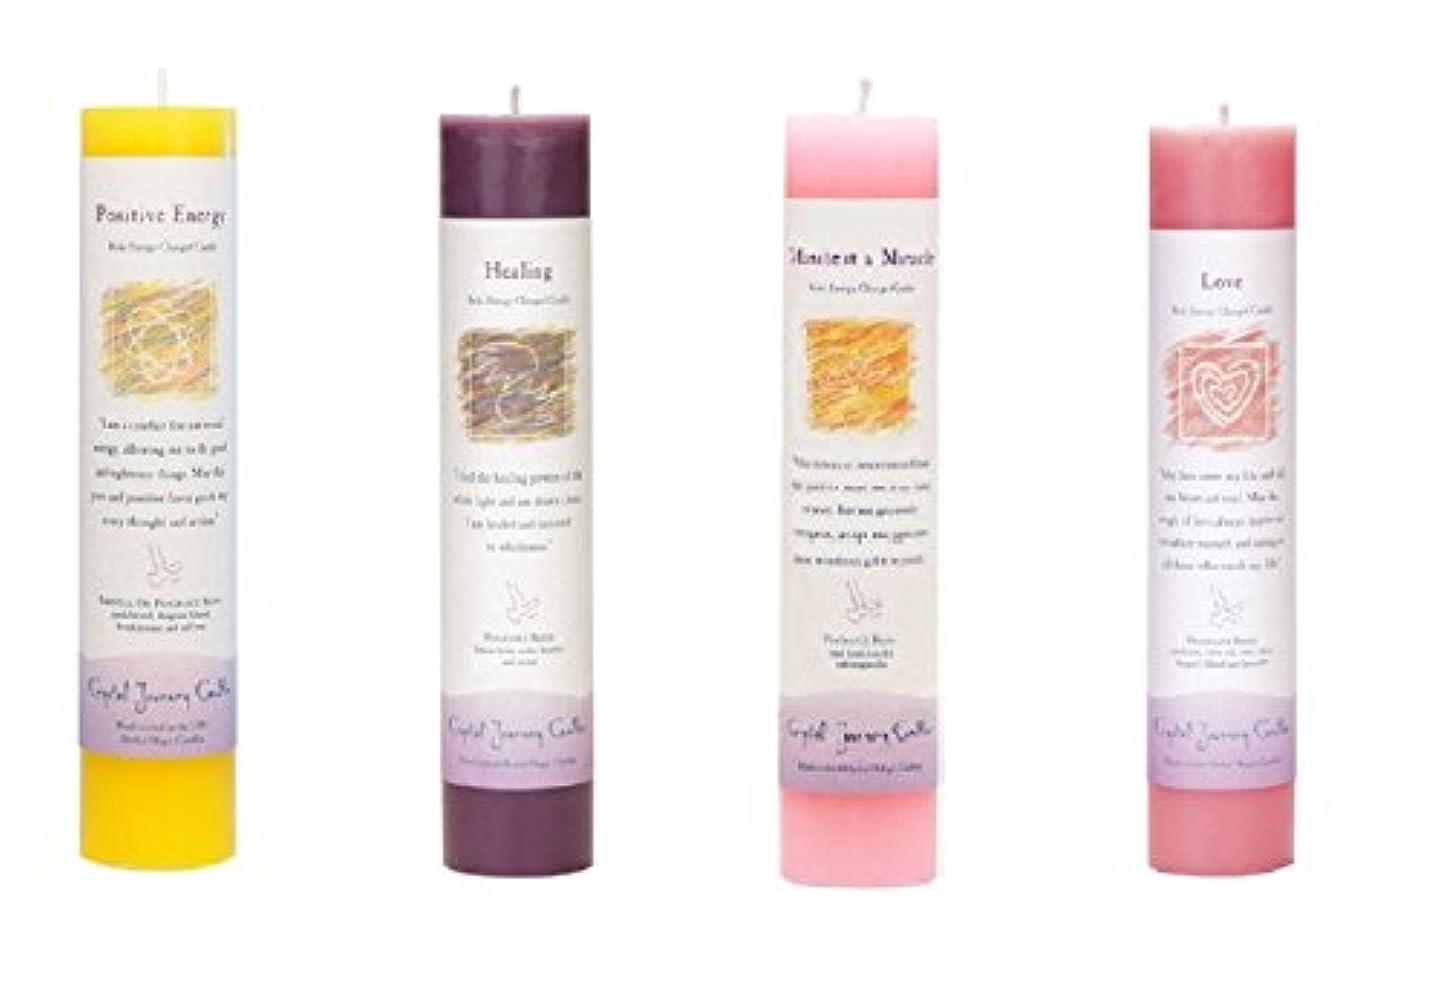 変装した天気ほとんどの場合(Positive Energy, Healing, Manifest a Miracle, Love) - Crystal Journey Reiki Charged Herbal Magic Pillar Candle Bundle (Positive Energy, Healing, Manifest a Miracle, Love)